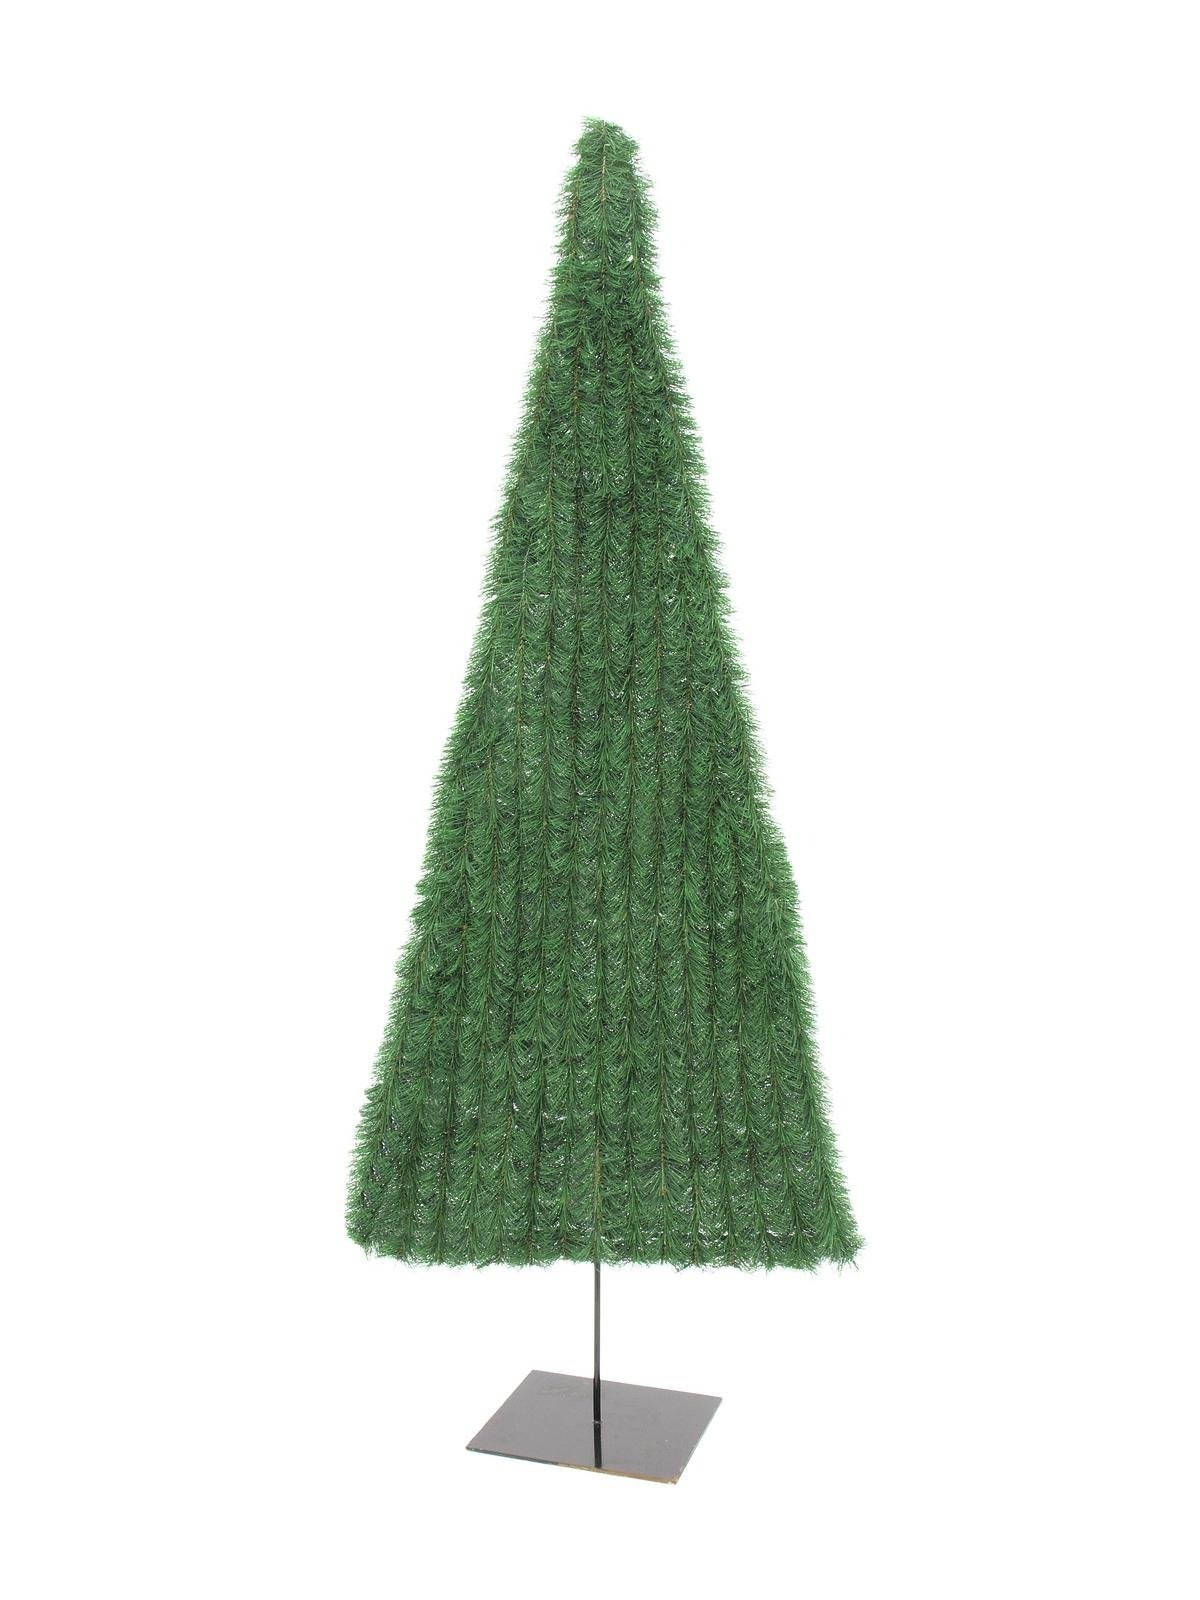 Kerstboom plat, groen, 150cm